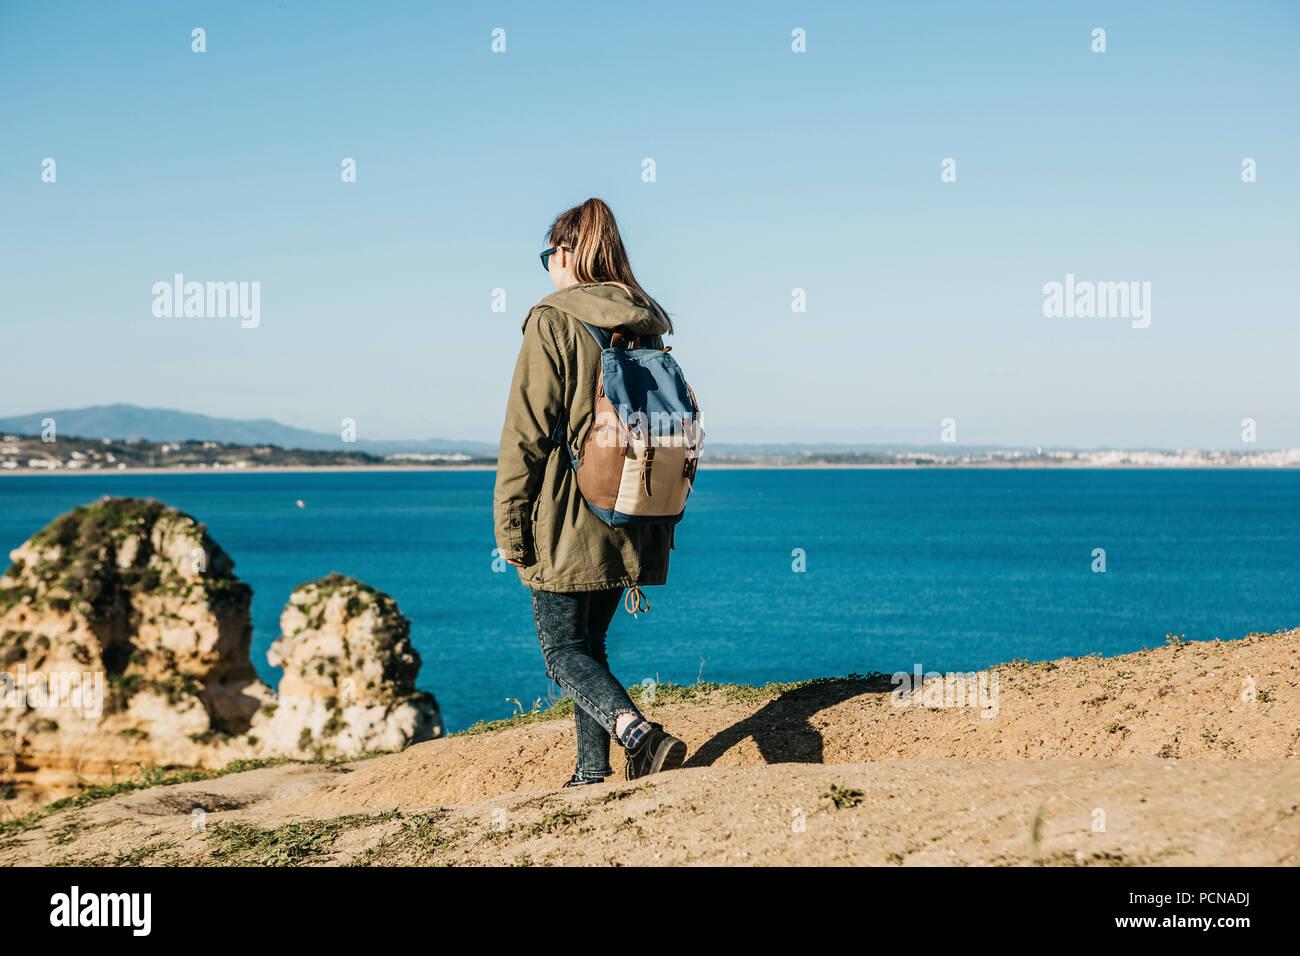 Una ragazza turista o viaggiatore con uno zaino passeggiate lungo la costa rocciosa e si ammira la splendida vista dell'Oceano Atlantico in Portogallo Immagini Stock